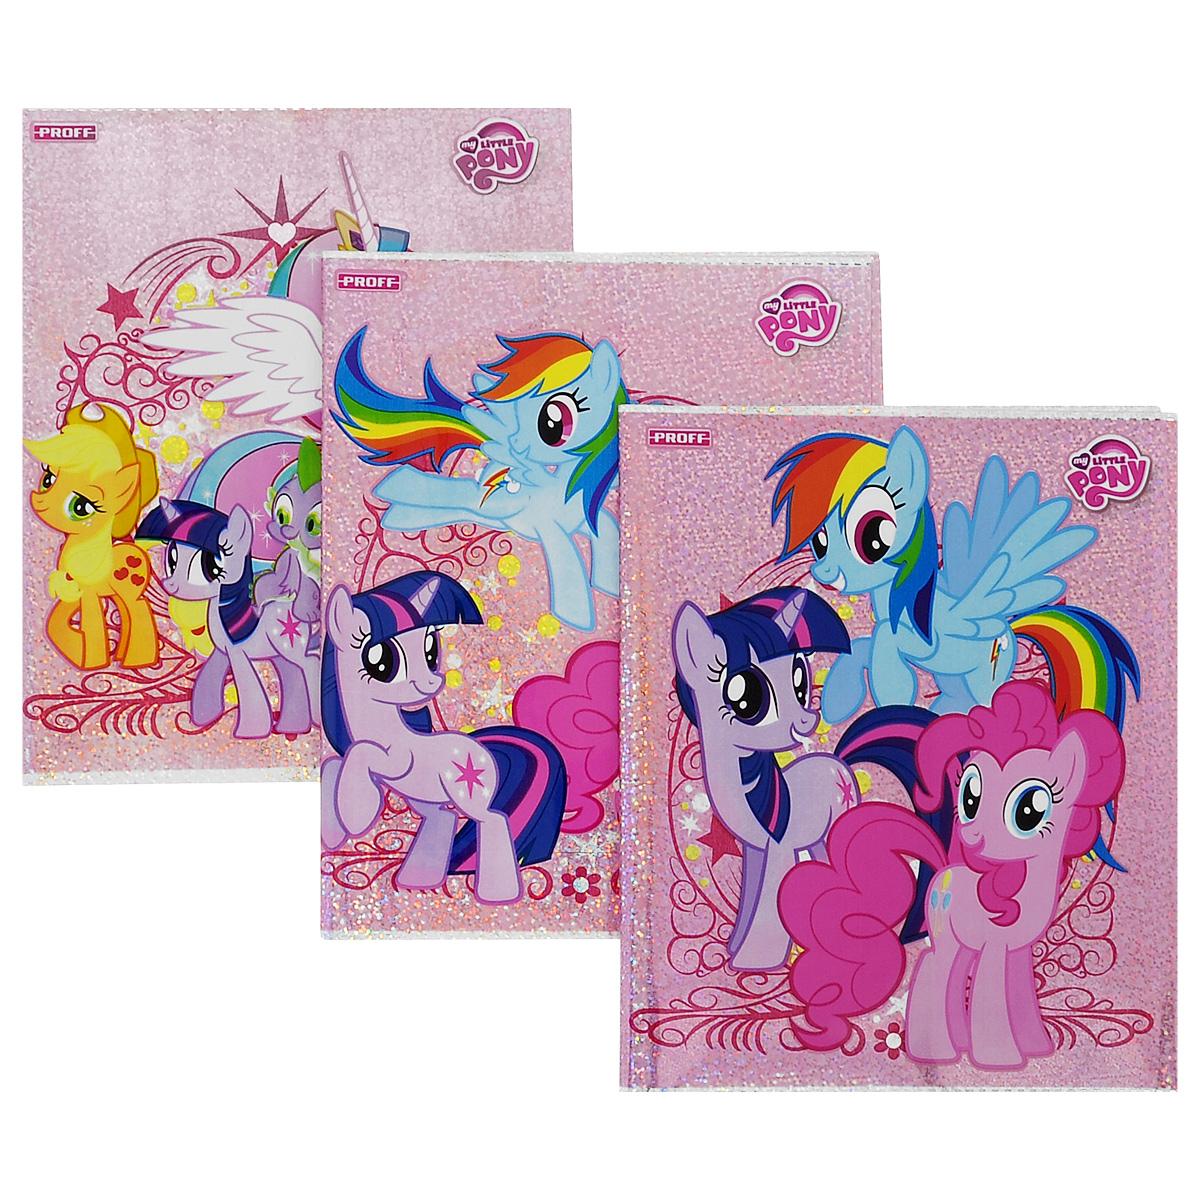 Набор обложек для тетрадей и дневников Proff Little Pony, 35,5 см х 21,6 см, 3 штBSL_ROZ_LITTLE PONYПрочная обложка Proff Little Pony, изготовленная из ПВХ, защитит поверхность тетради или дневника от изнашивания и загрязнений. Изделие оформлено ярким изображением любимых мультипликационных героев.